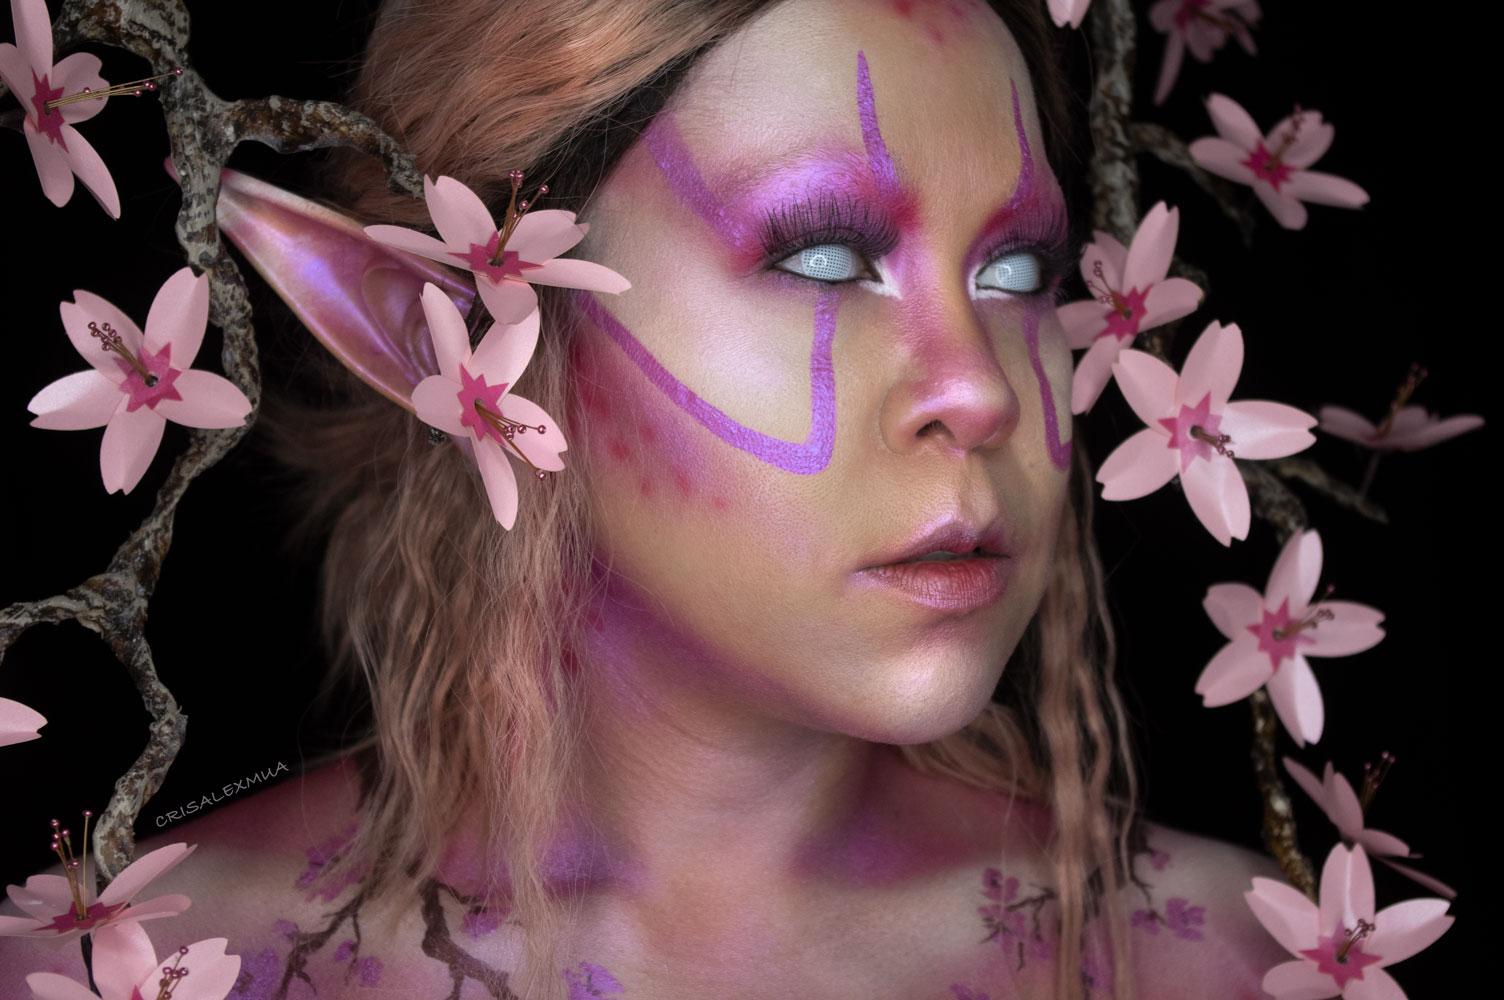 cherry blossom makeup naked cosmetics fantasy beauty body paint